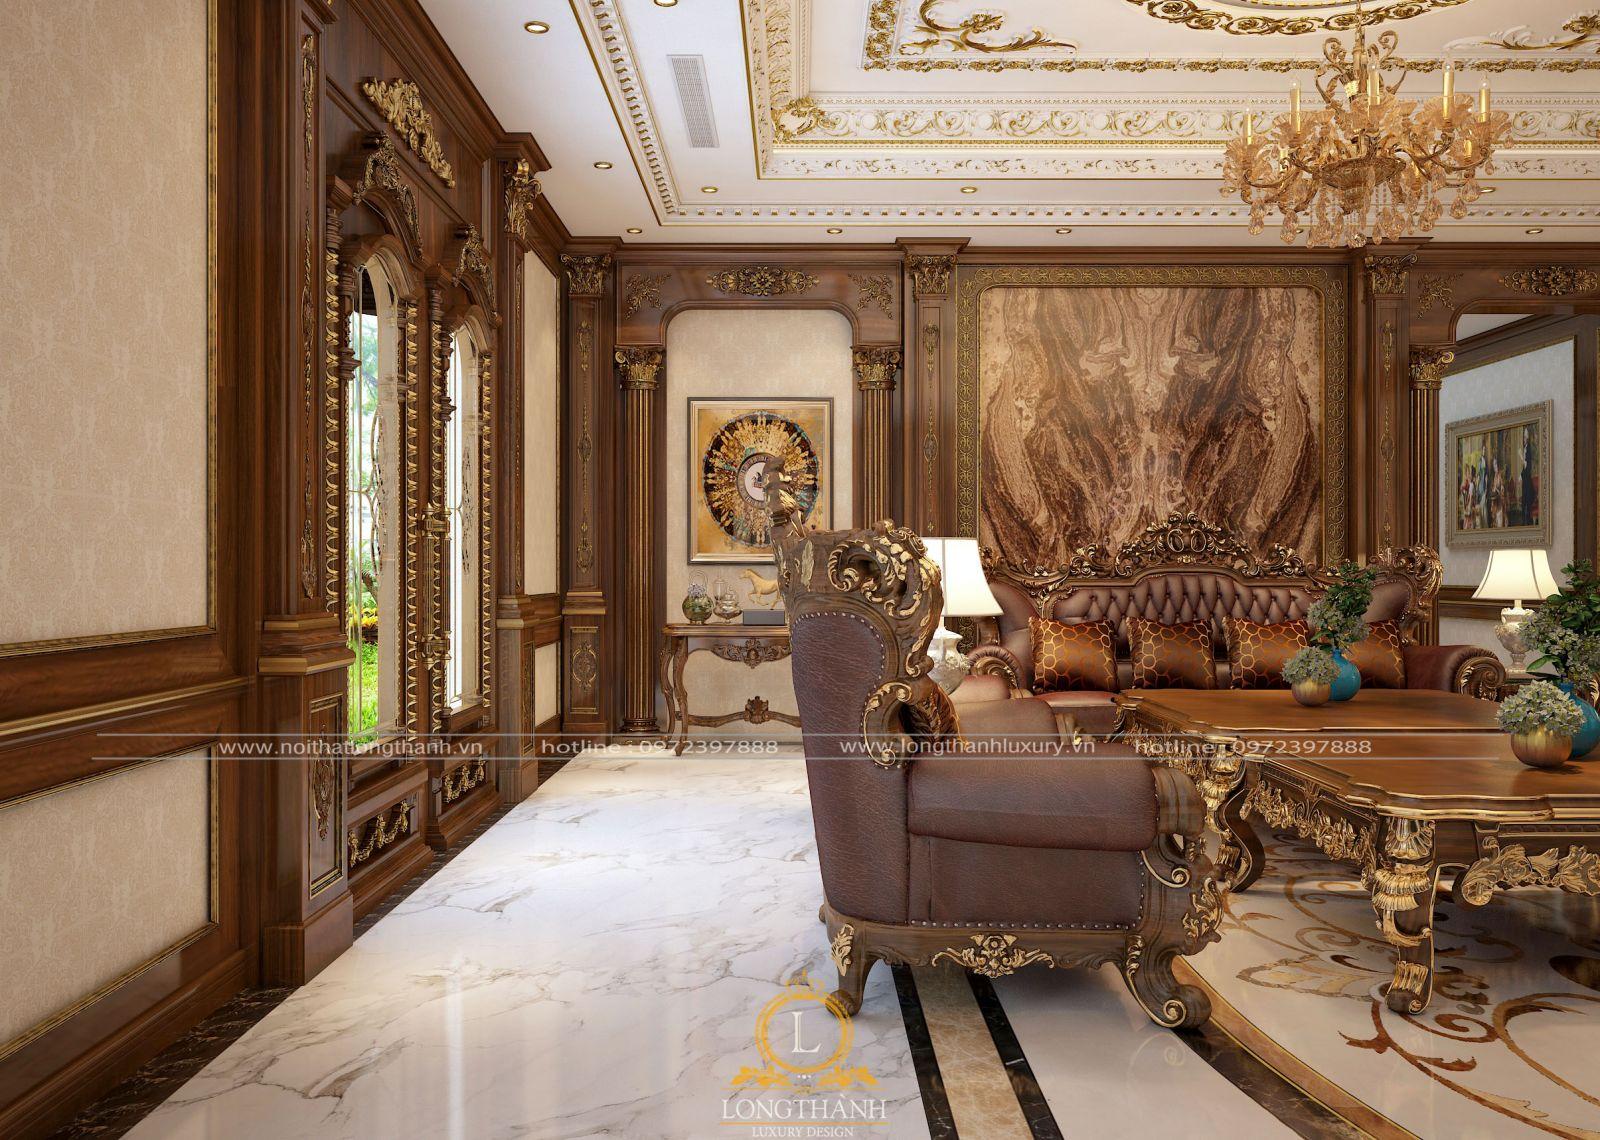 Những mấu ghế sofa tân cổ điển của Long Thành chau chuốt, tỉ mỉ từng chi tiết